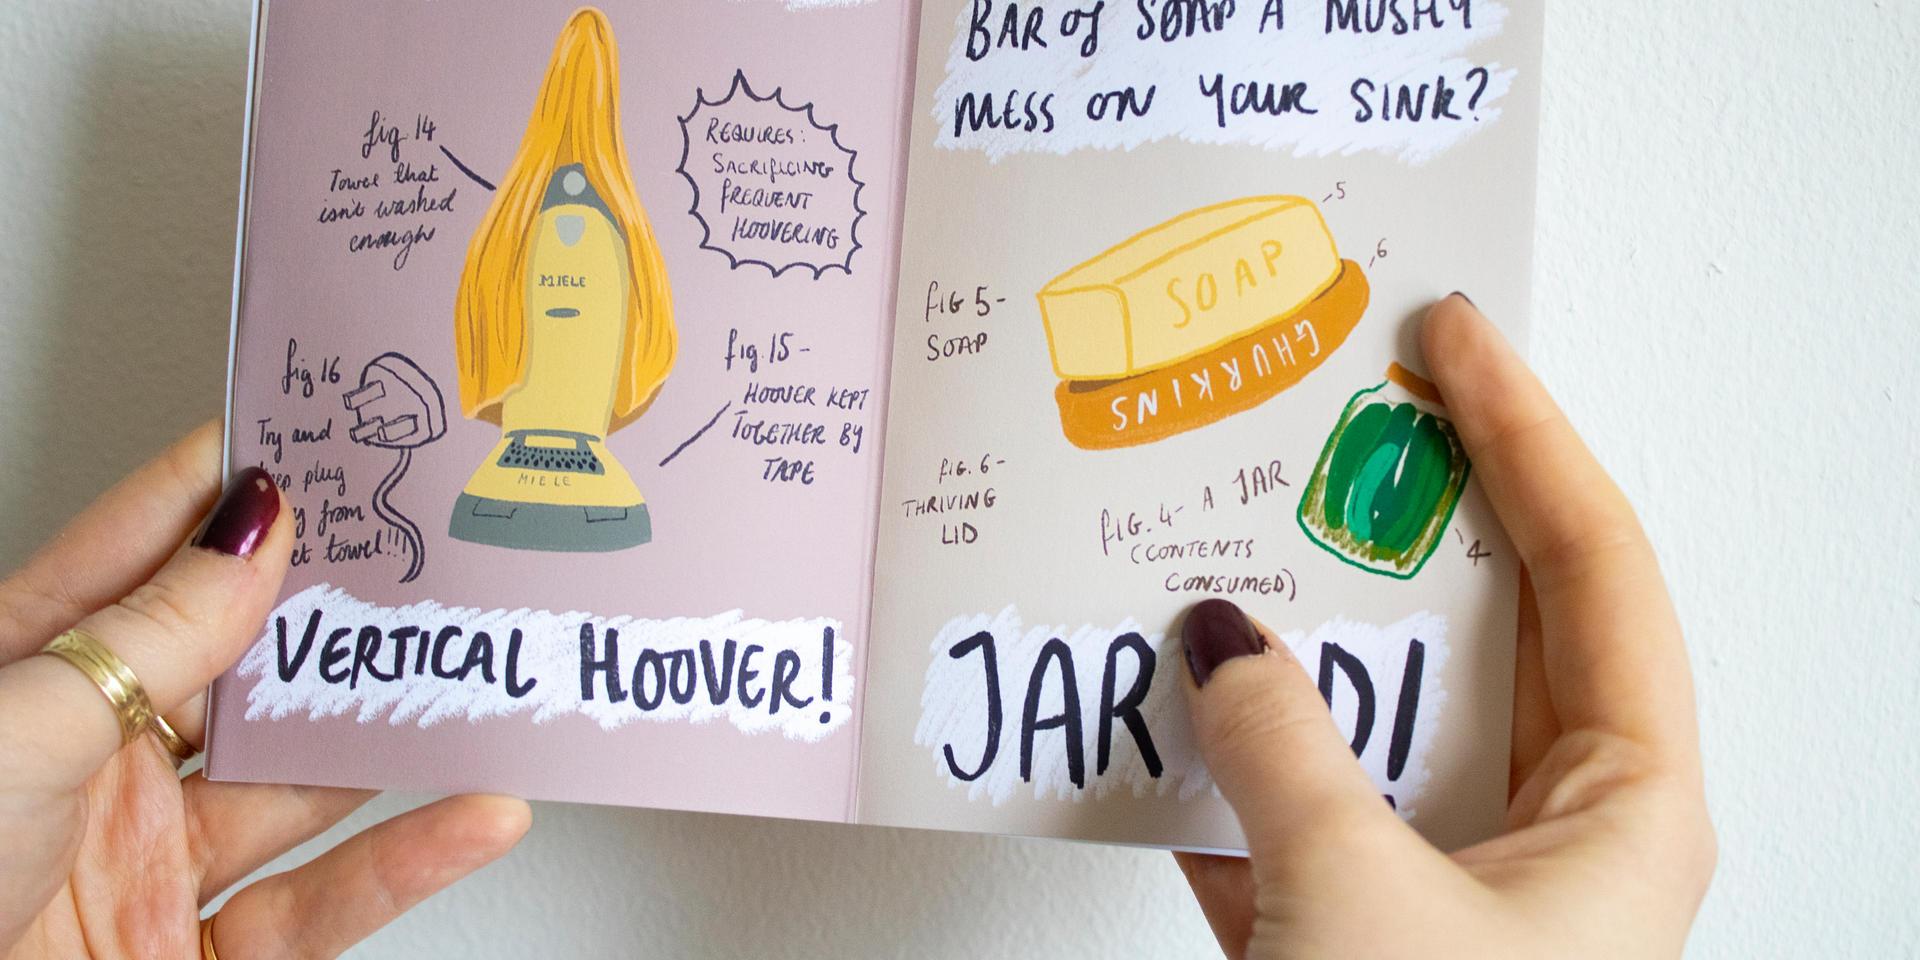 Hoover, Jar